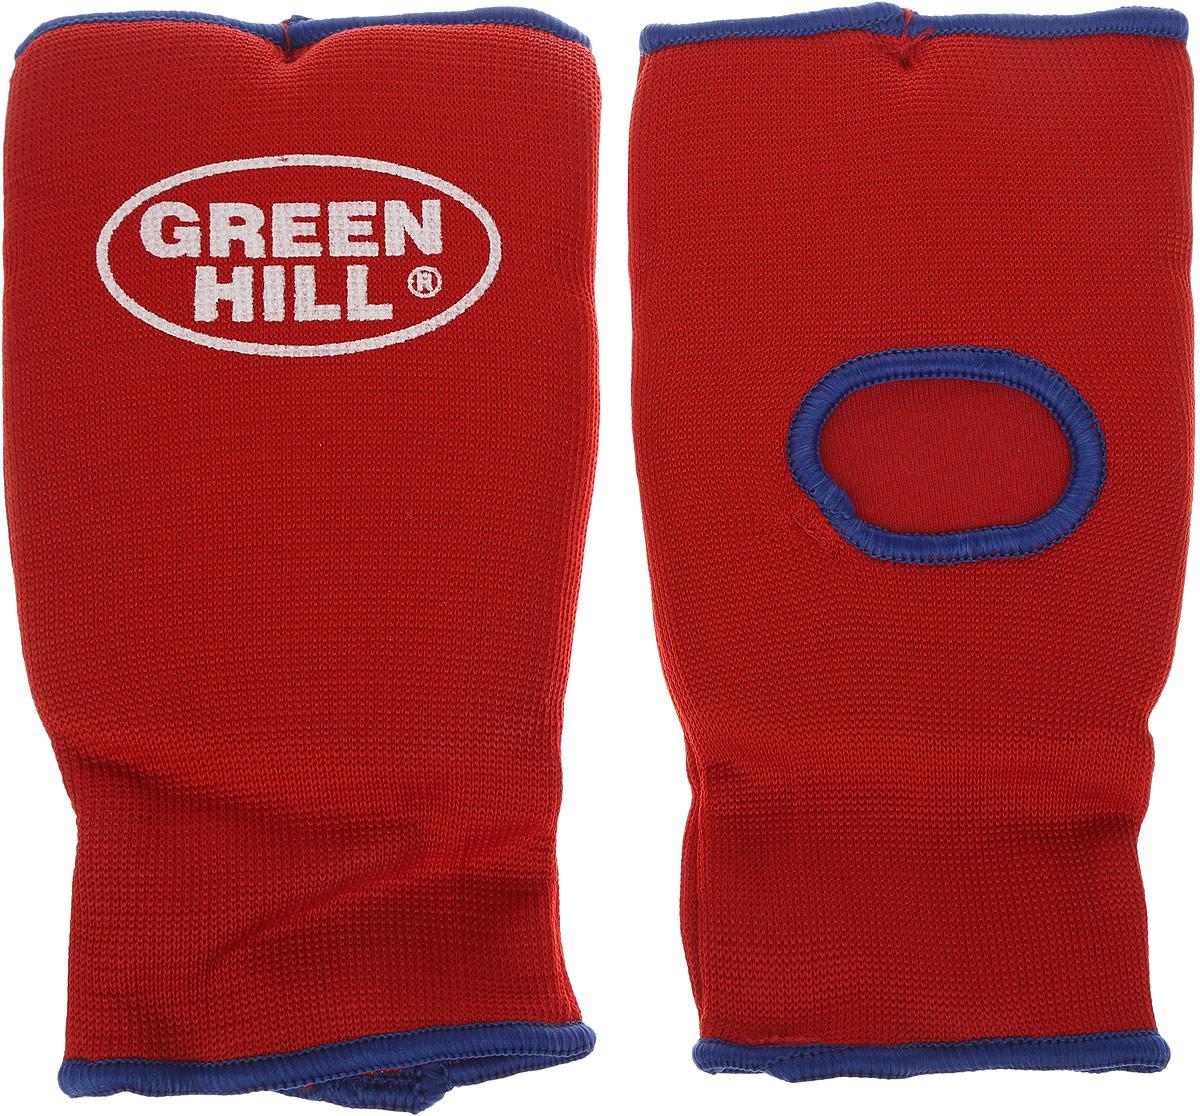 Защита на кисть Green Hill, цвет: красный, синий. Размер XL. HP-0053AIRWHEEL M3-162.8Защита на кисть Green Hill предназначена для занятий различными видами единоборств. Она защищает руки от синяков, вывихов и ушибов. Защита изготовлена из хлопка с эластаном, мягкие вкладки изготовлены из вспененного полимера. Растягивается до 40%.